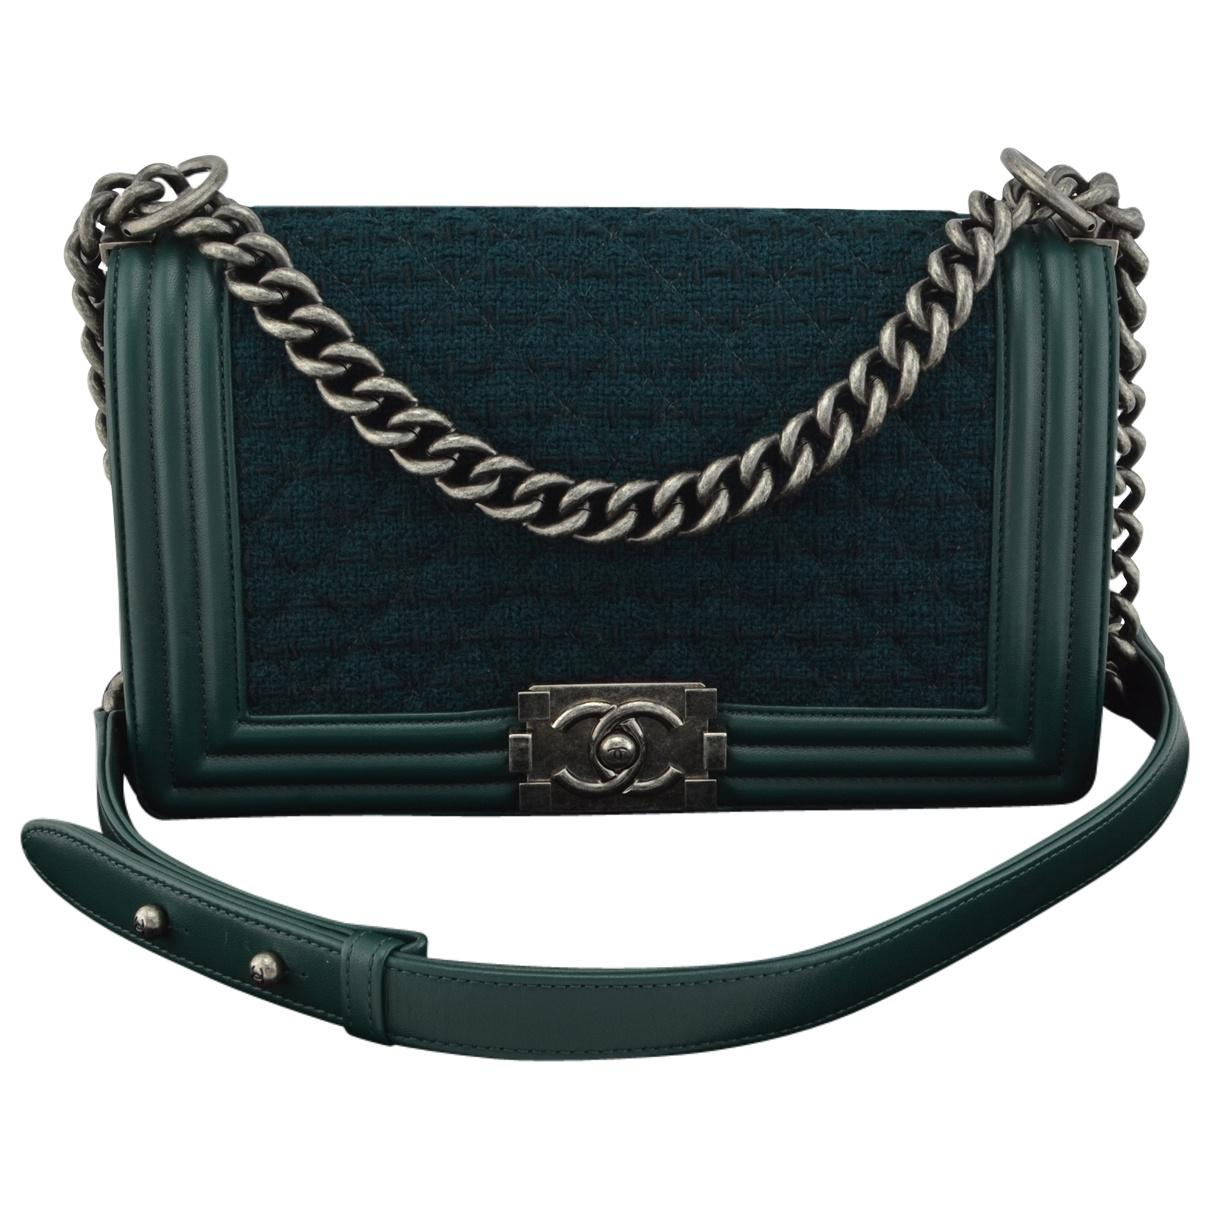 3436751b54ae37 Chanel Boy Tweed Handbag in Blue - Lyst